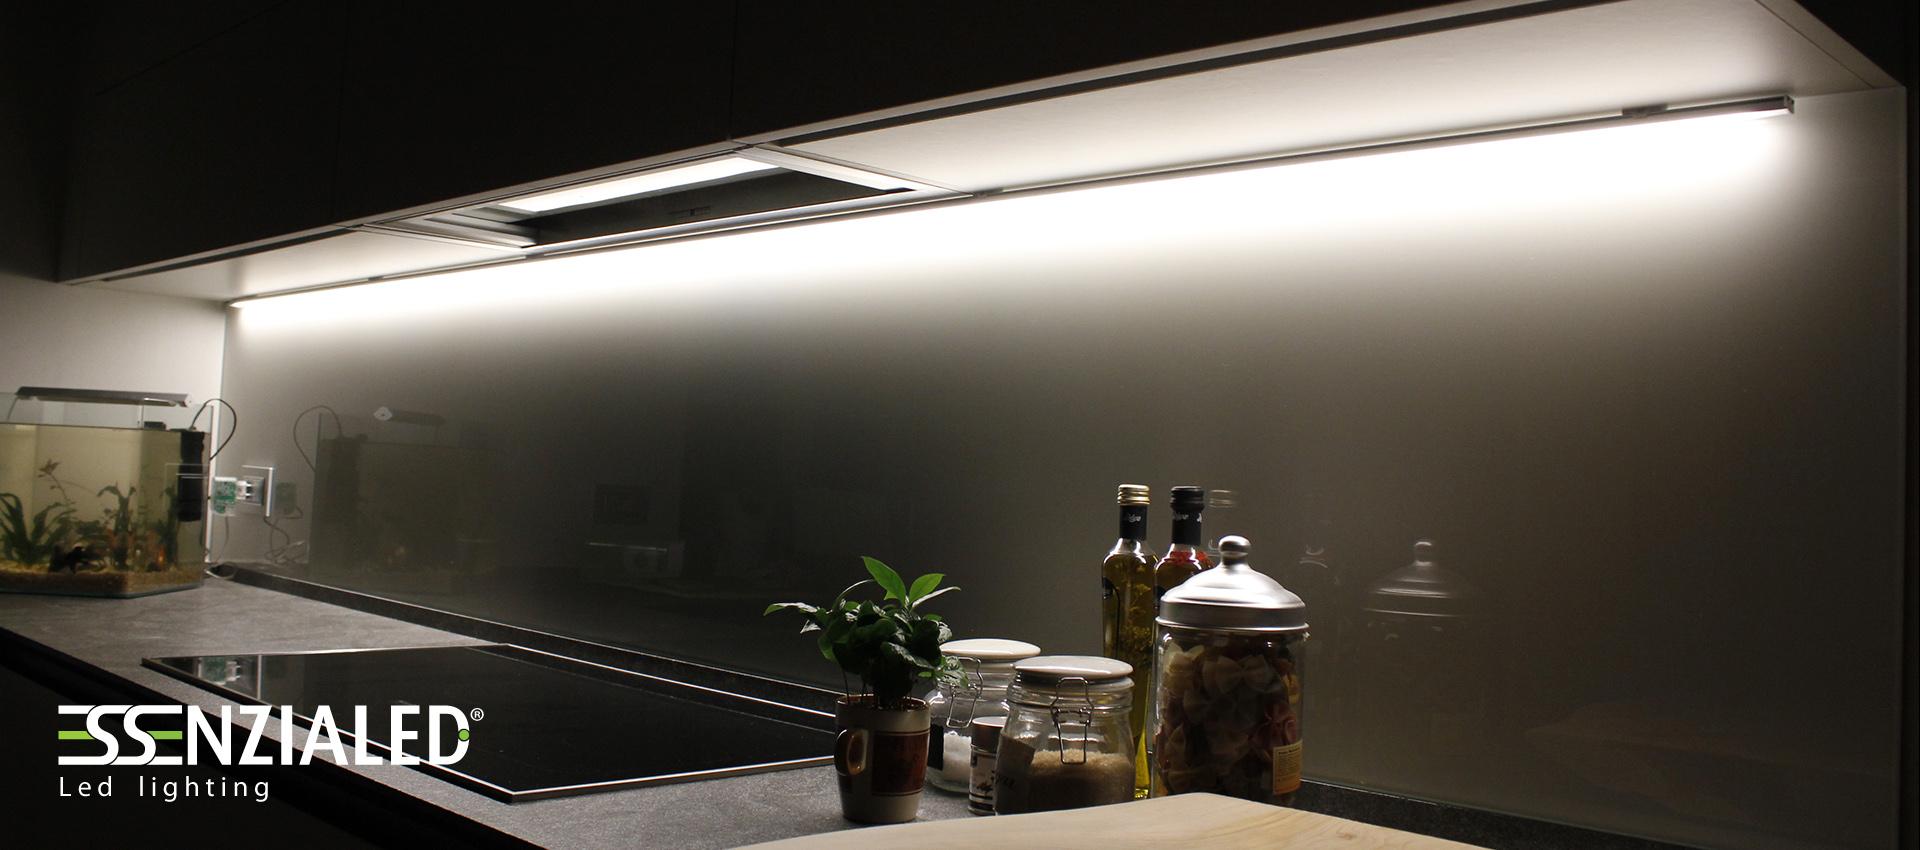 Alu h led per mobili certificati ul made in - Luci led cucina ...